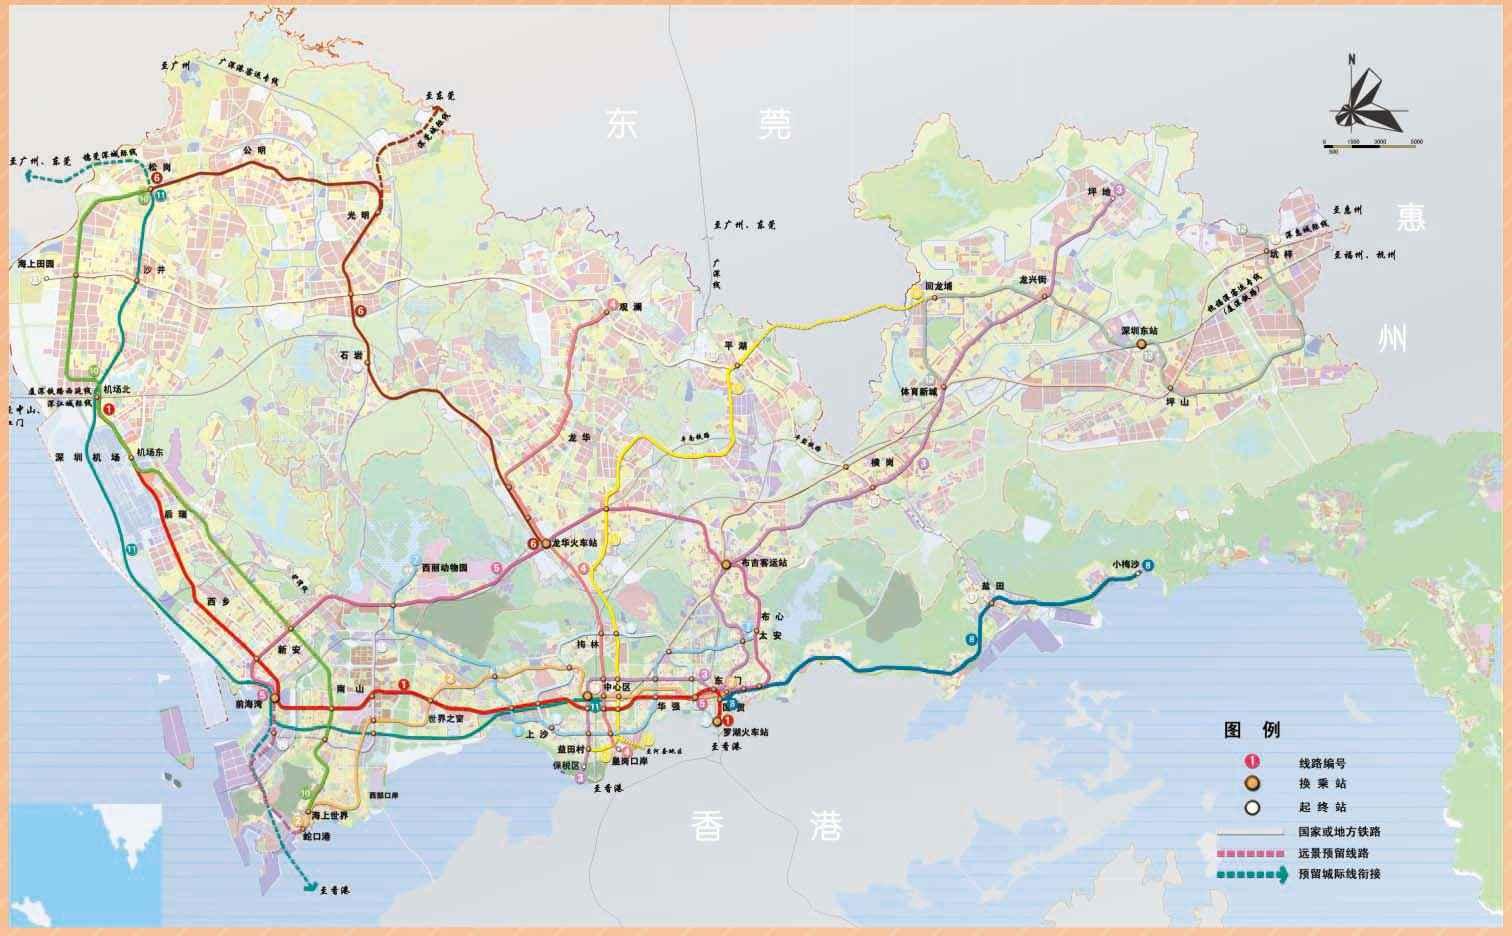 深圳远期轨道交通线网方案(至2030年)